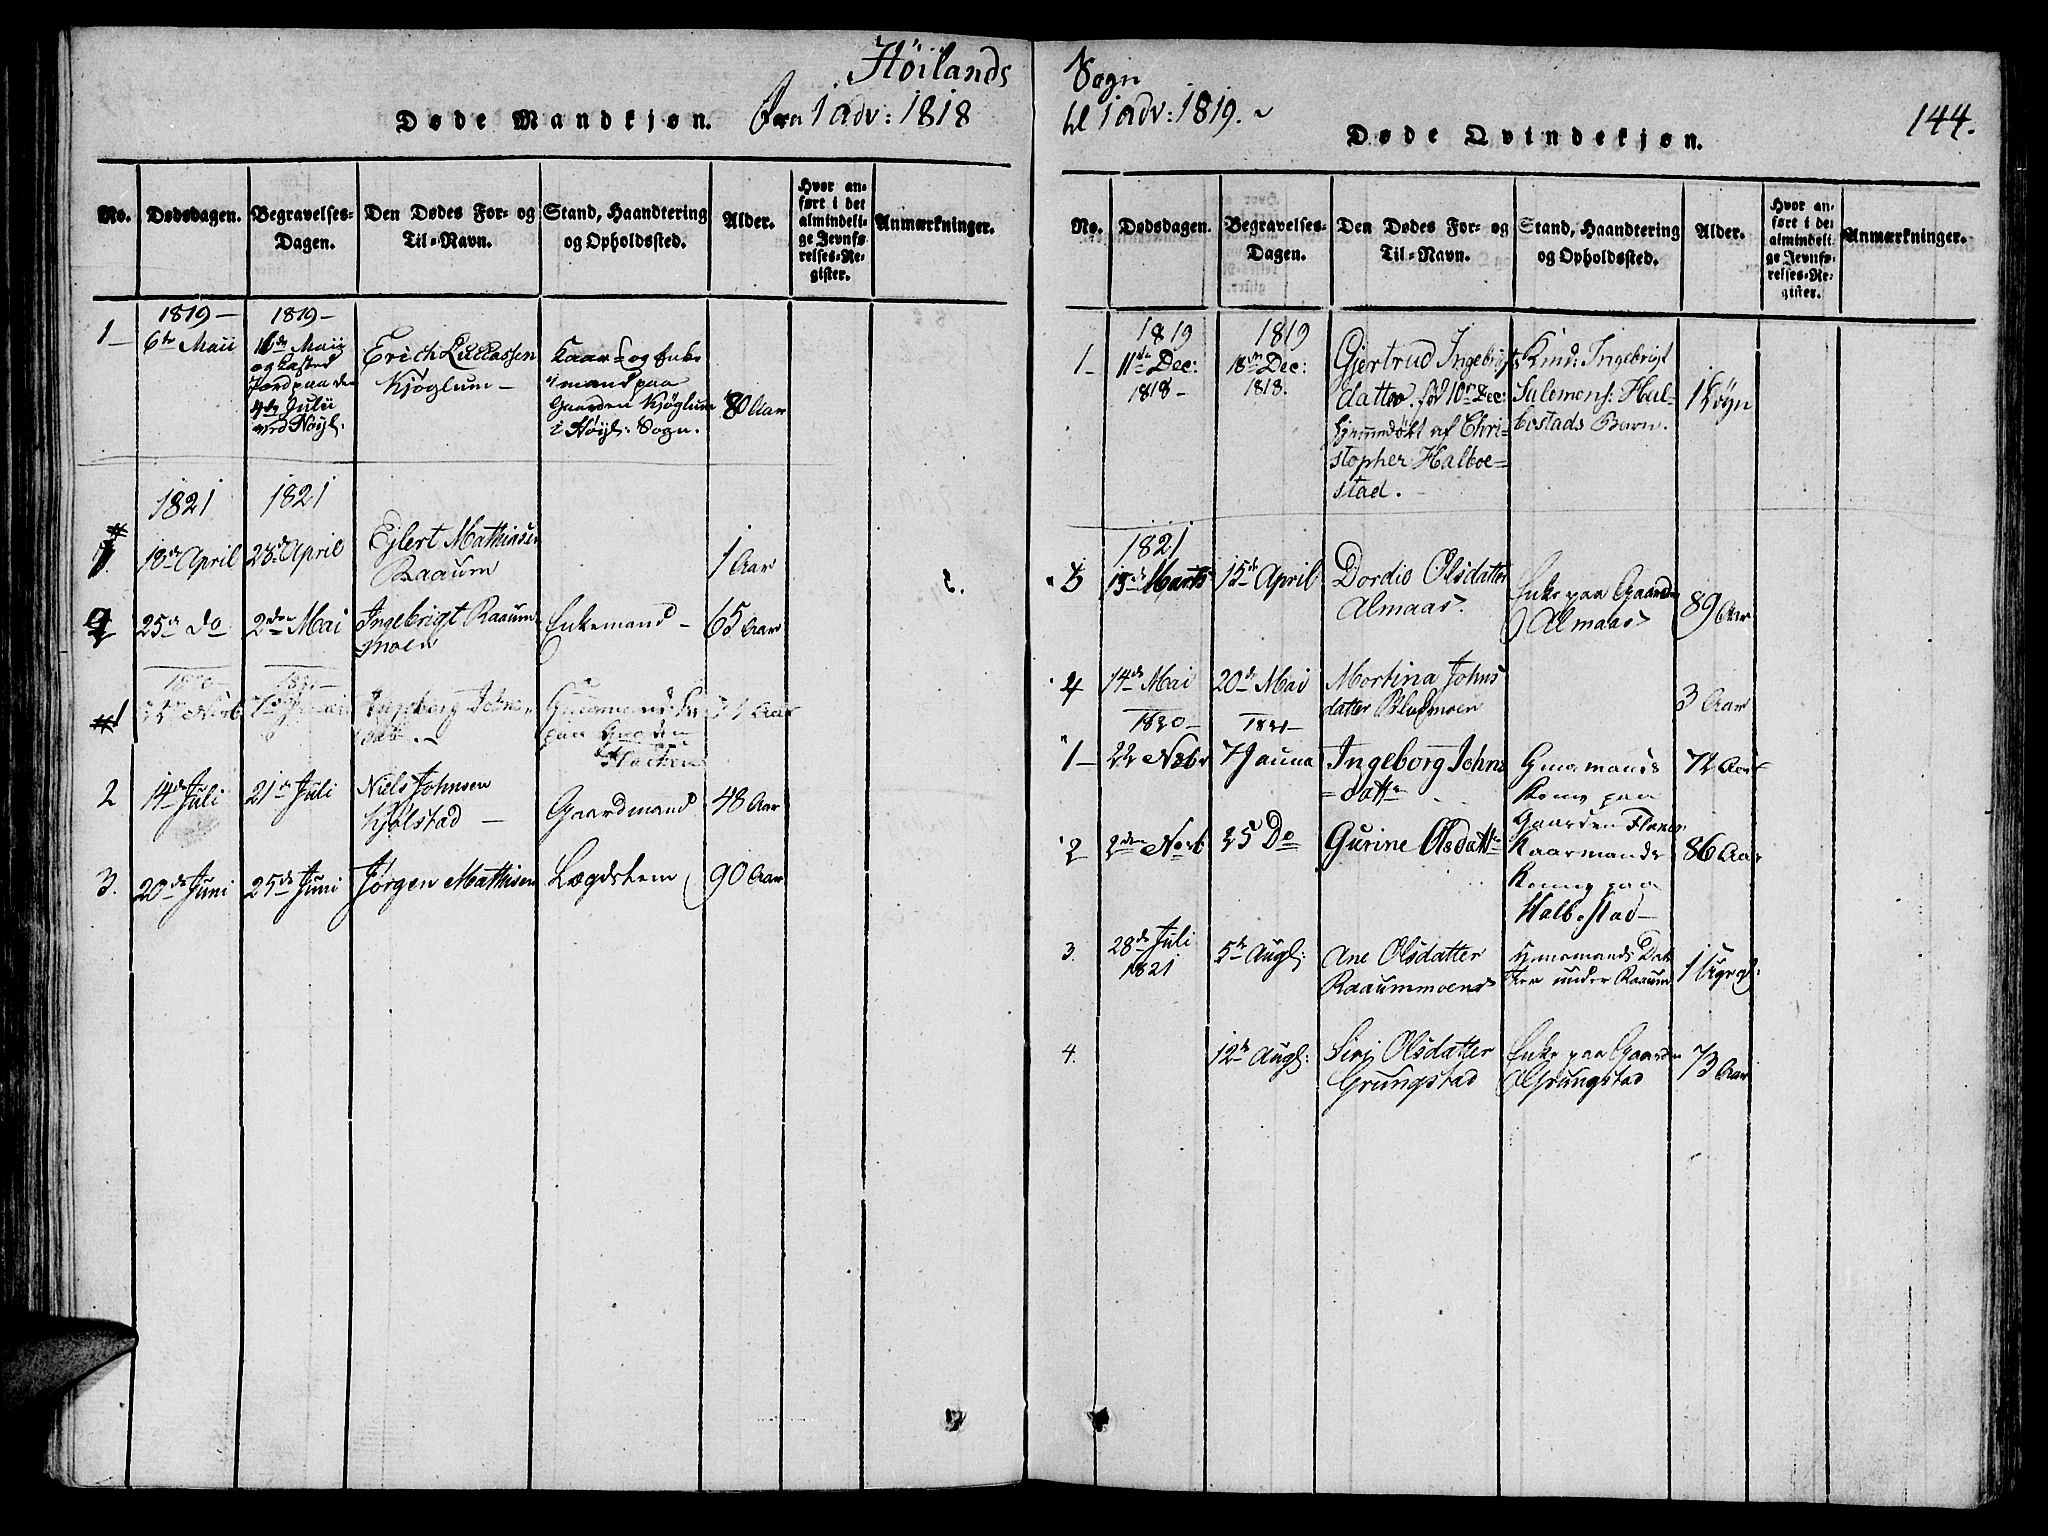 SAT, Ministerialprotokoller, klokkerbøker og fødselsregistre - Nord-Trøndelag, 764/L0546: Ministerialbok nr. 764A06 /3, 1817-1821, s. 144